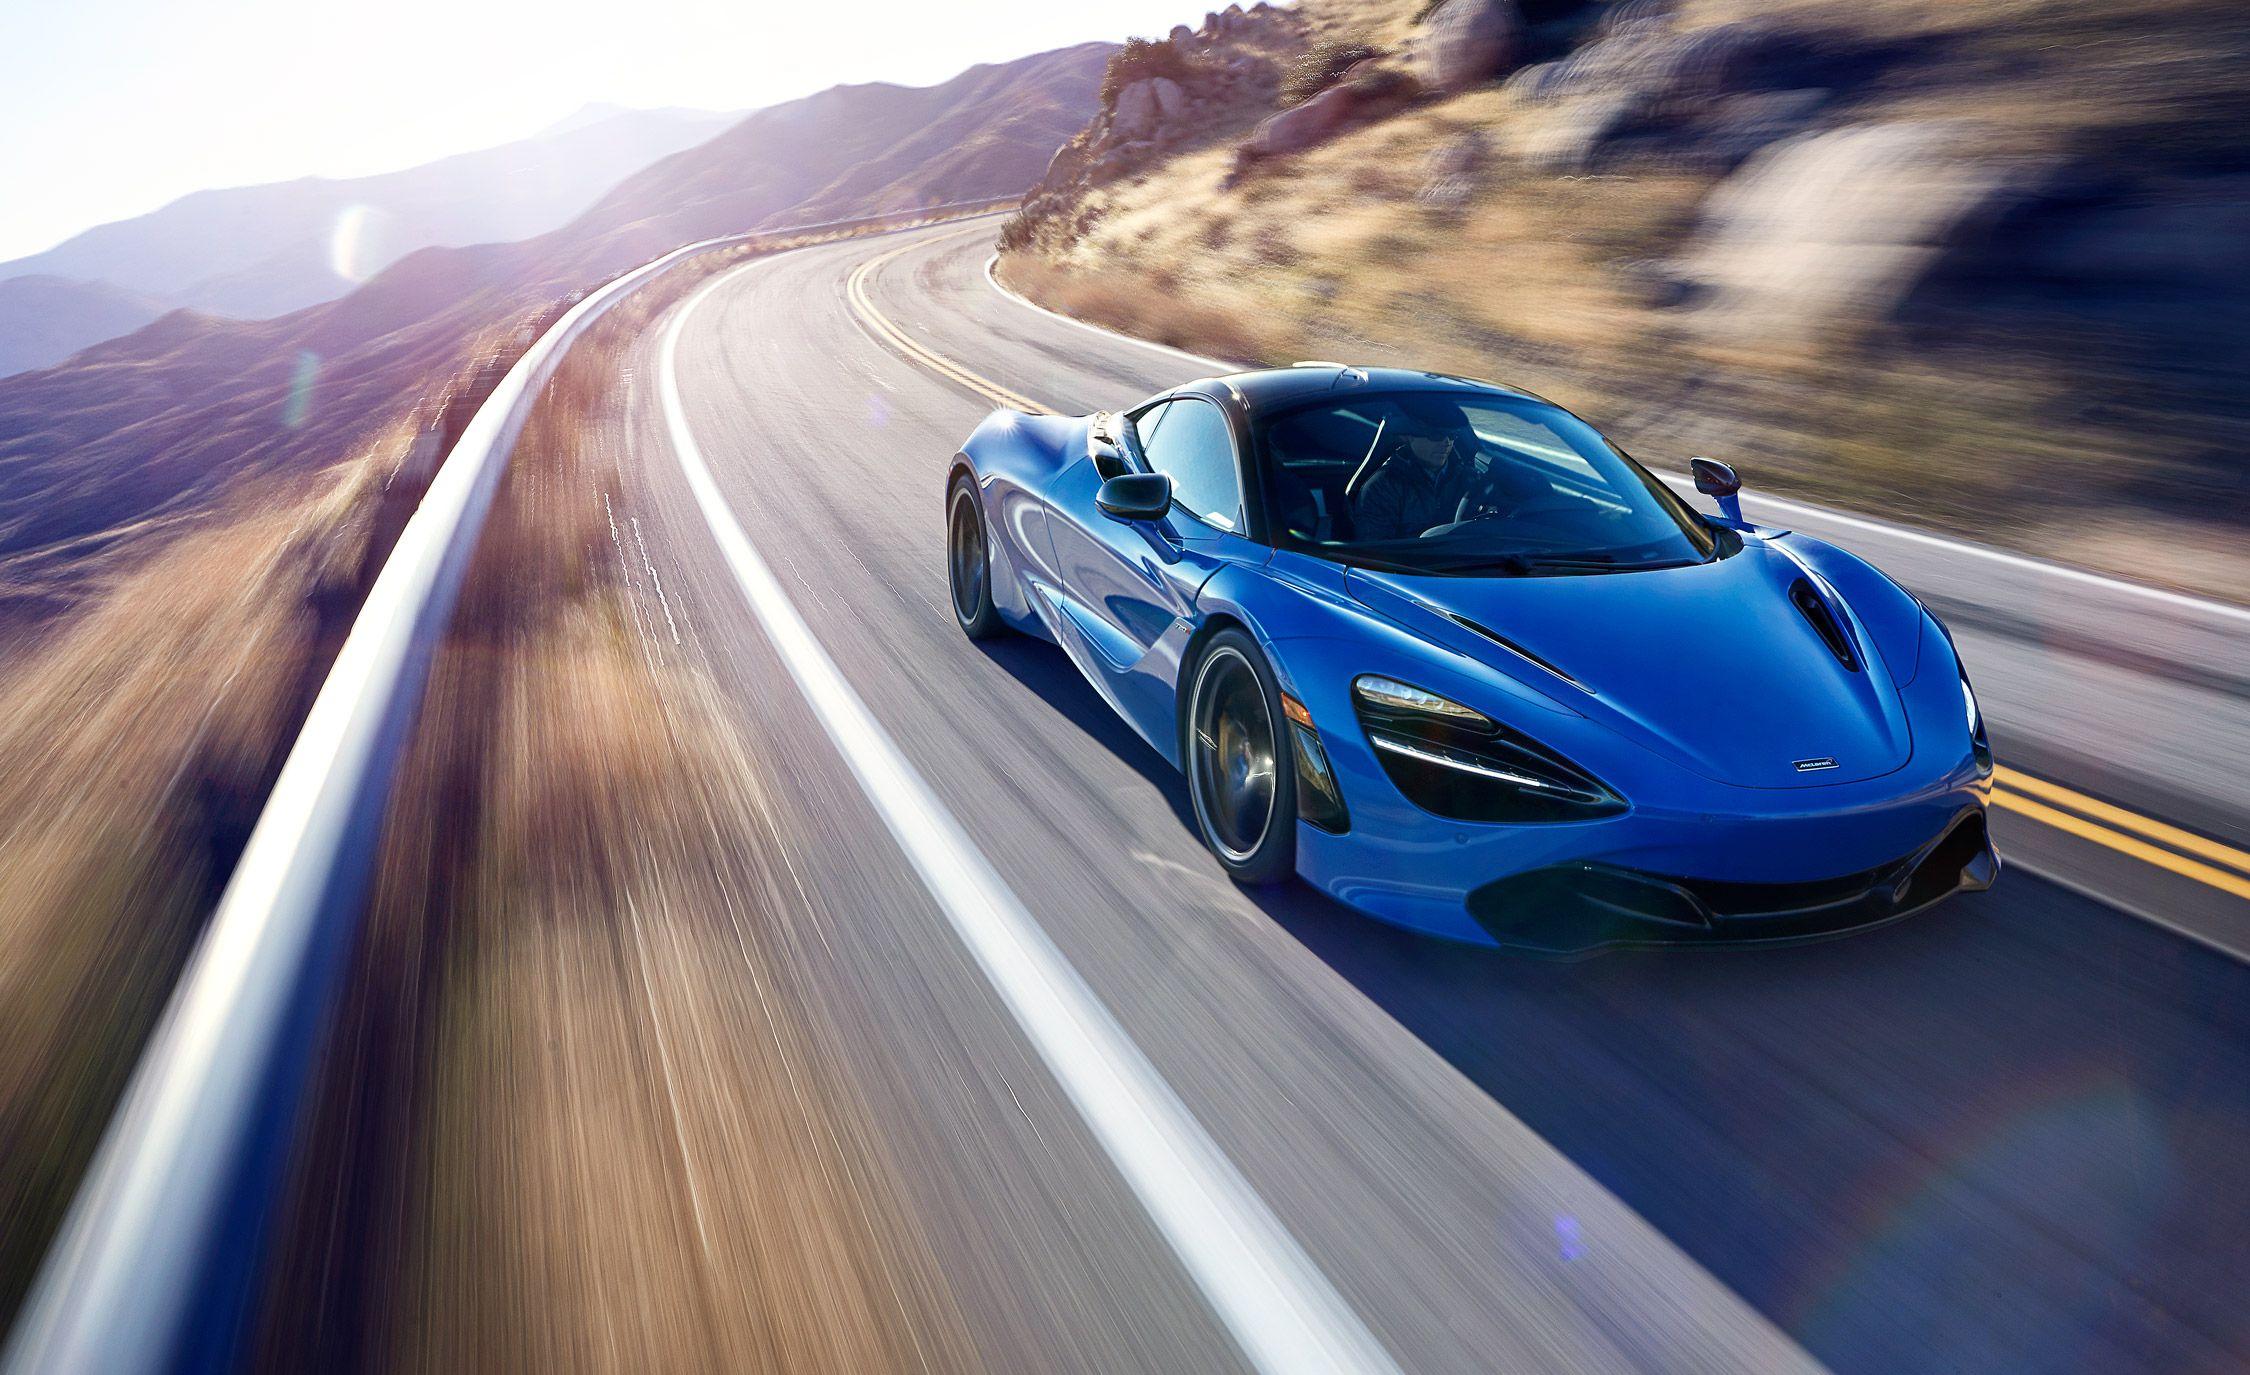 McLaren 720S Reviews | McLaren 720S Price, Photos, and ...